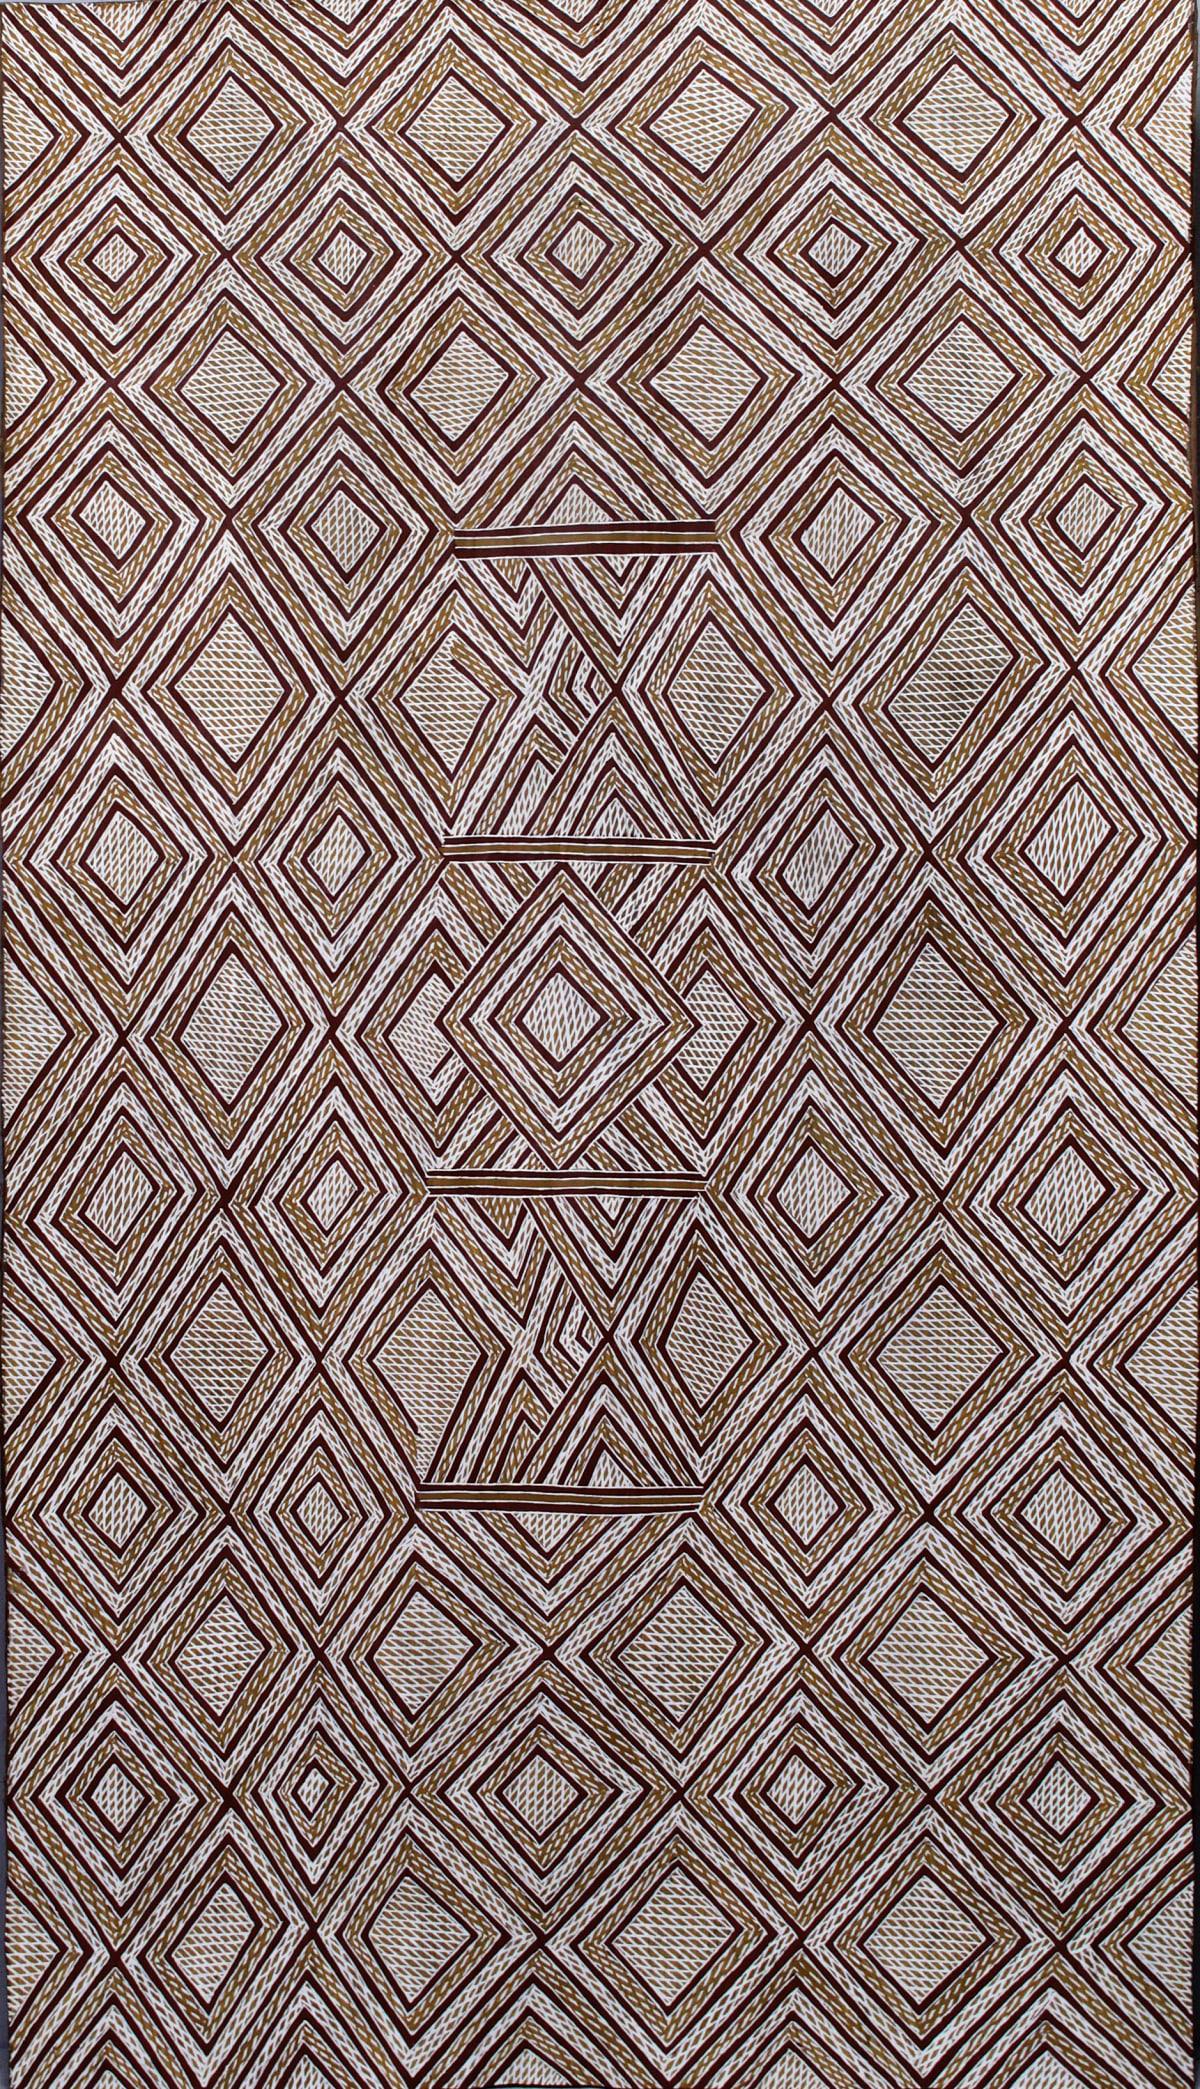 Garawan Wanambi Marranu Miny'tji natural earth pigment on bark 112 x 66 cm